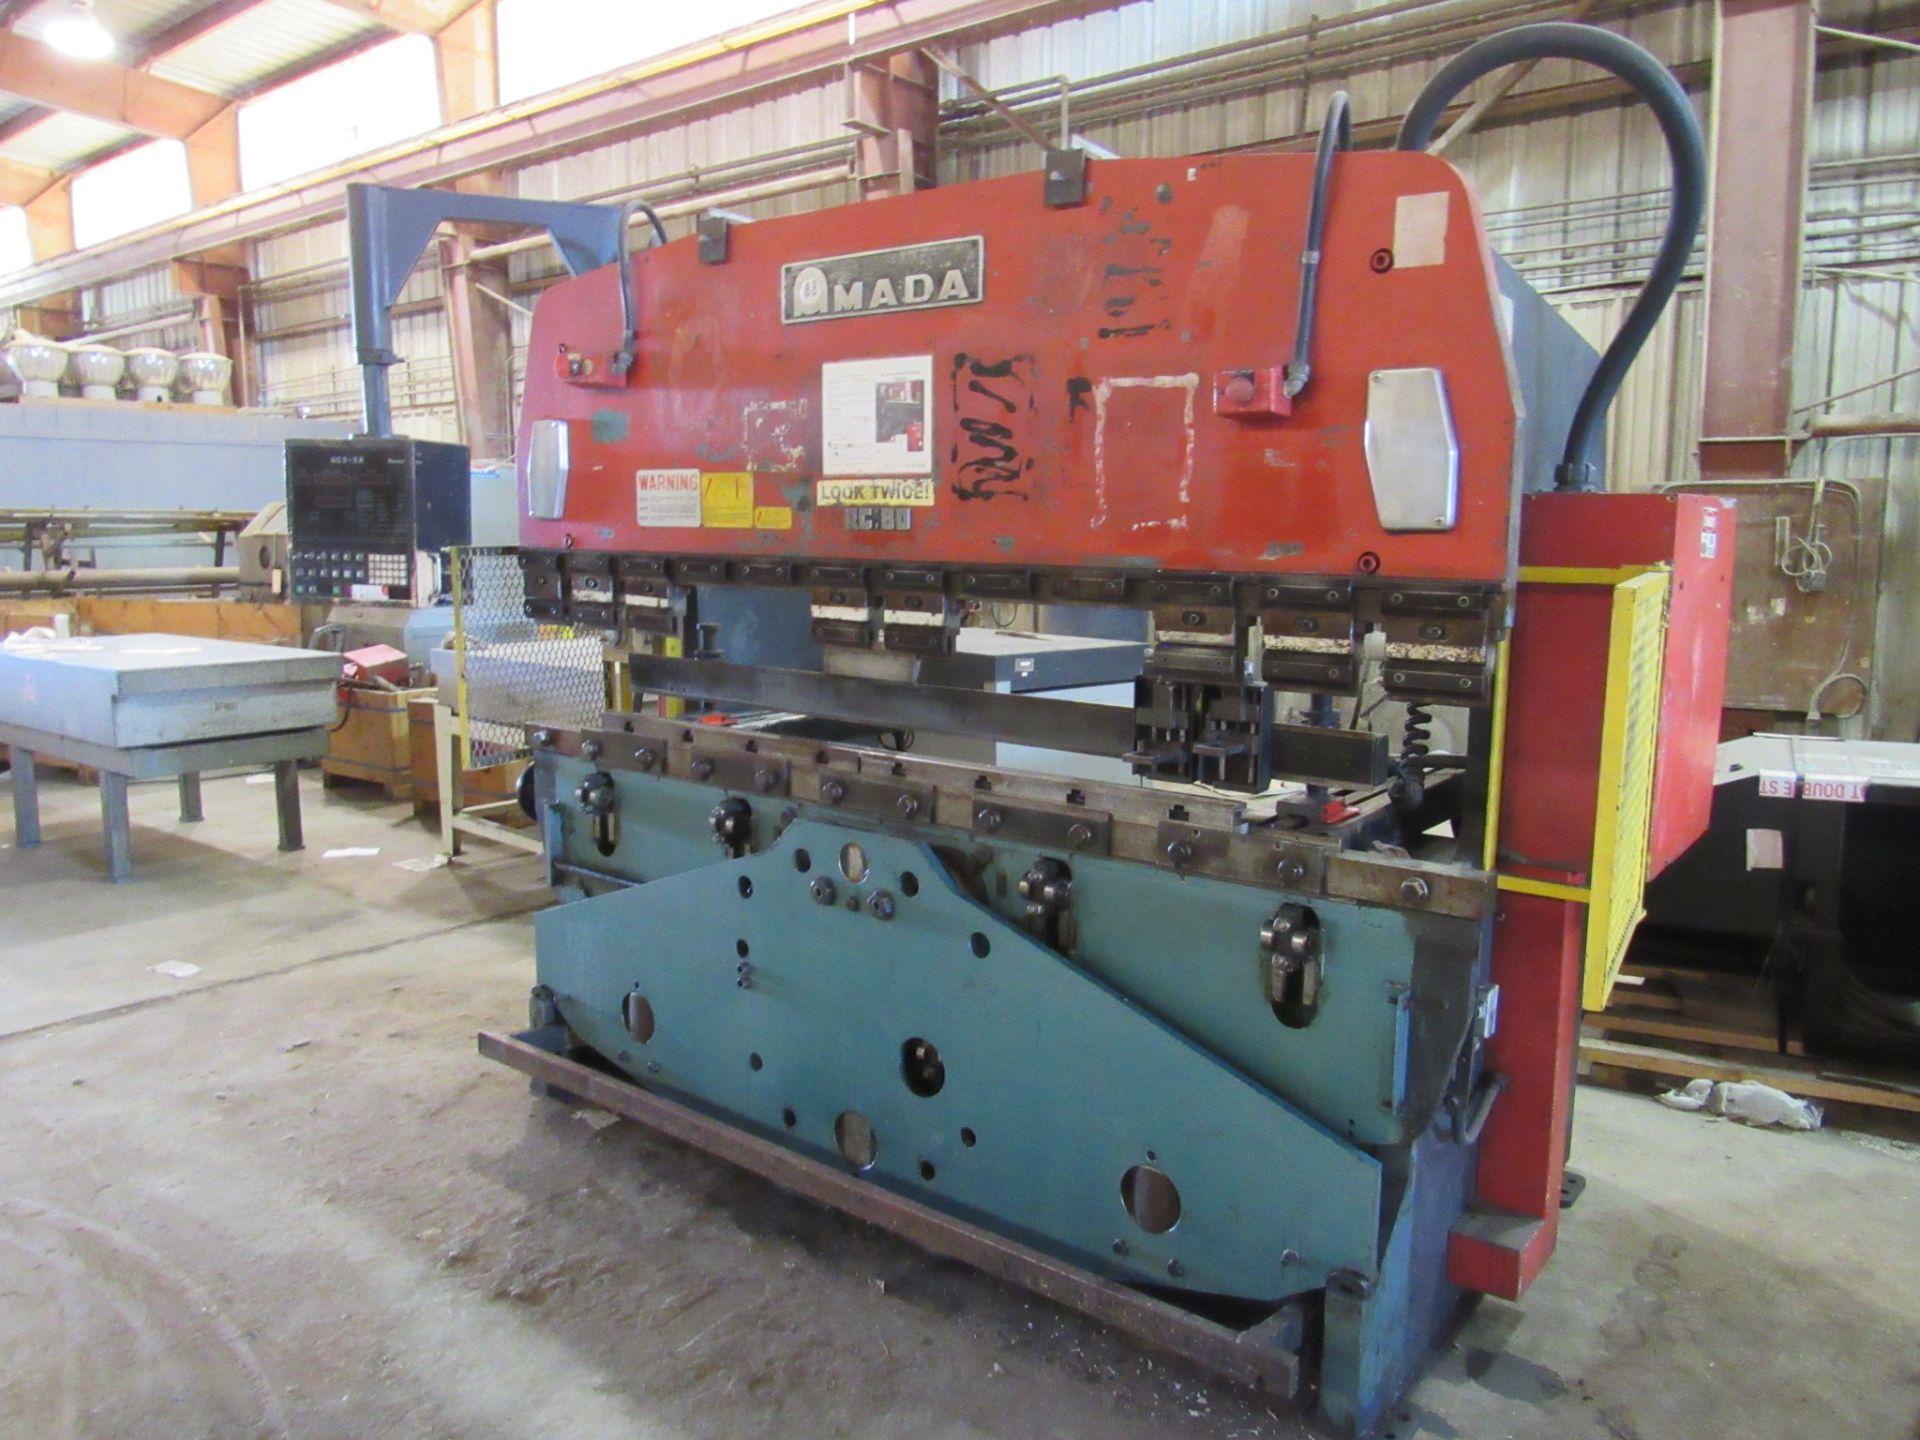 Amada 80 Ton RG 80 Press Brake - Image 3 of 7